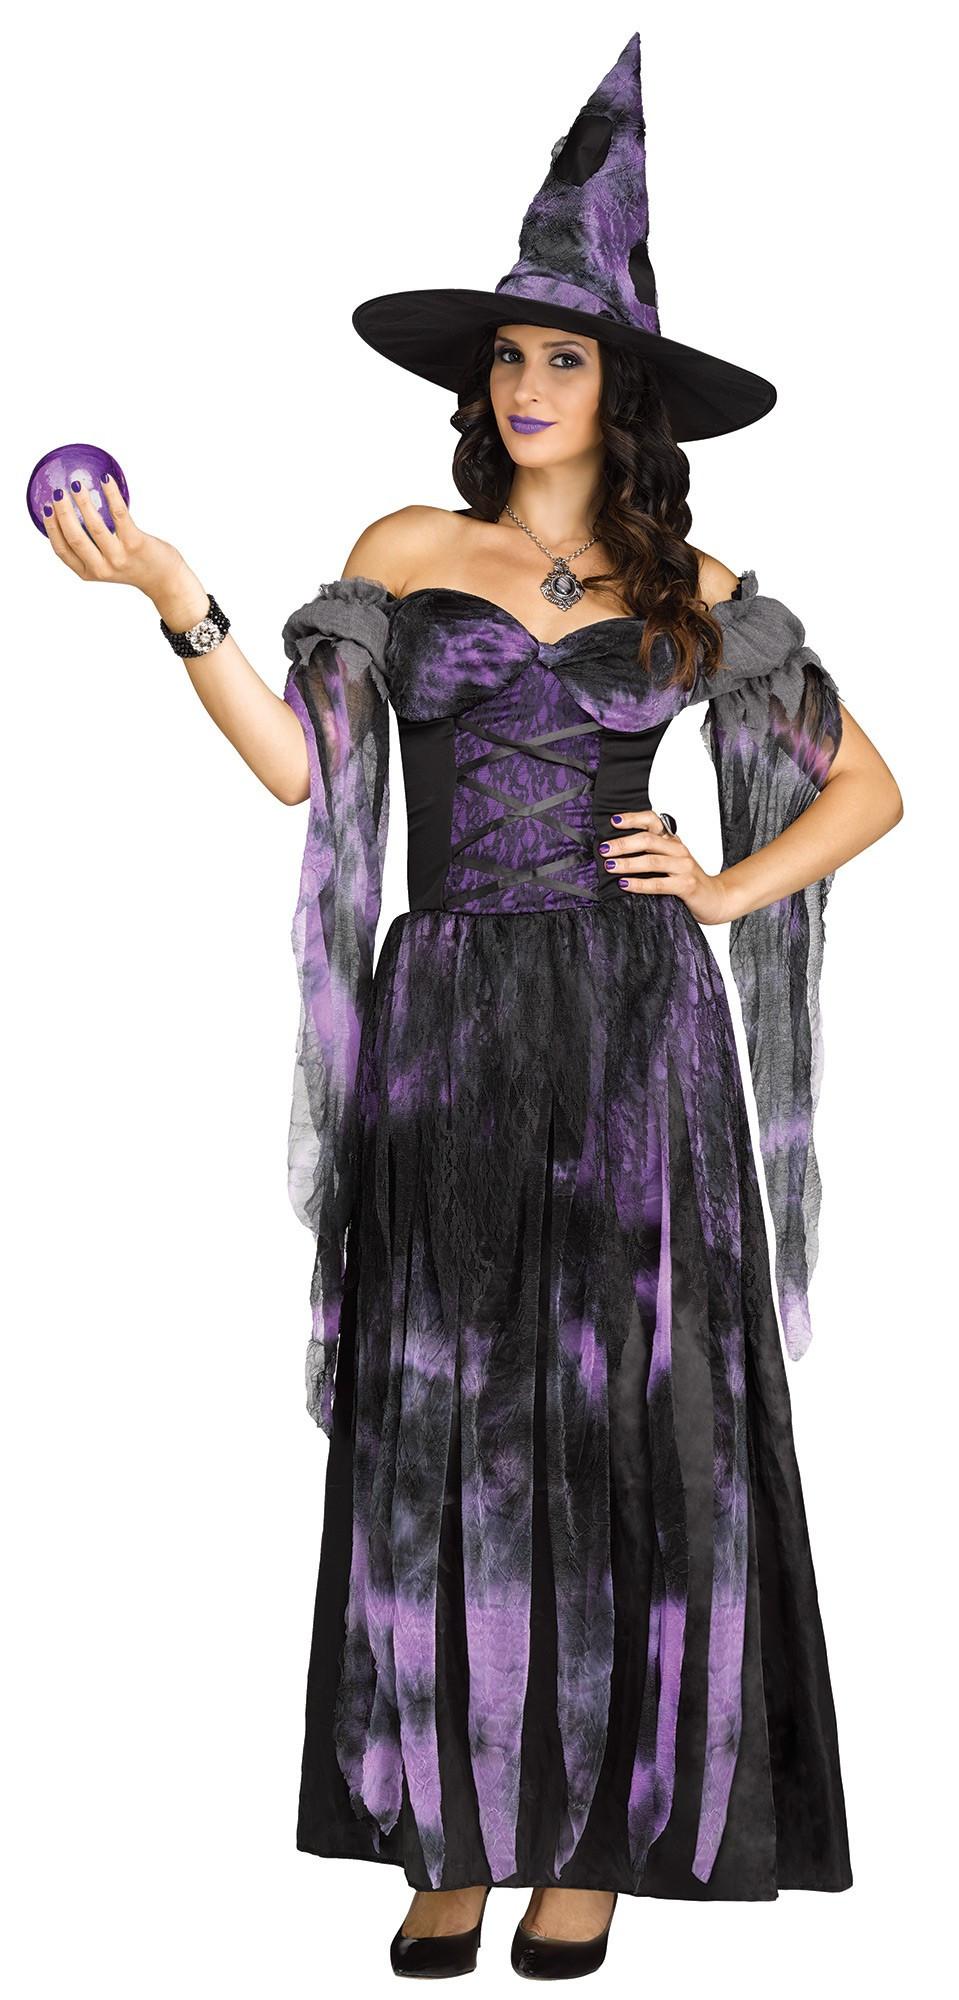 полках костюм ведьмы фото женский количество